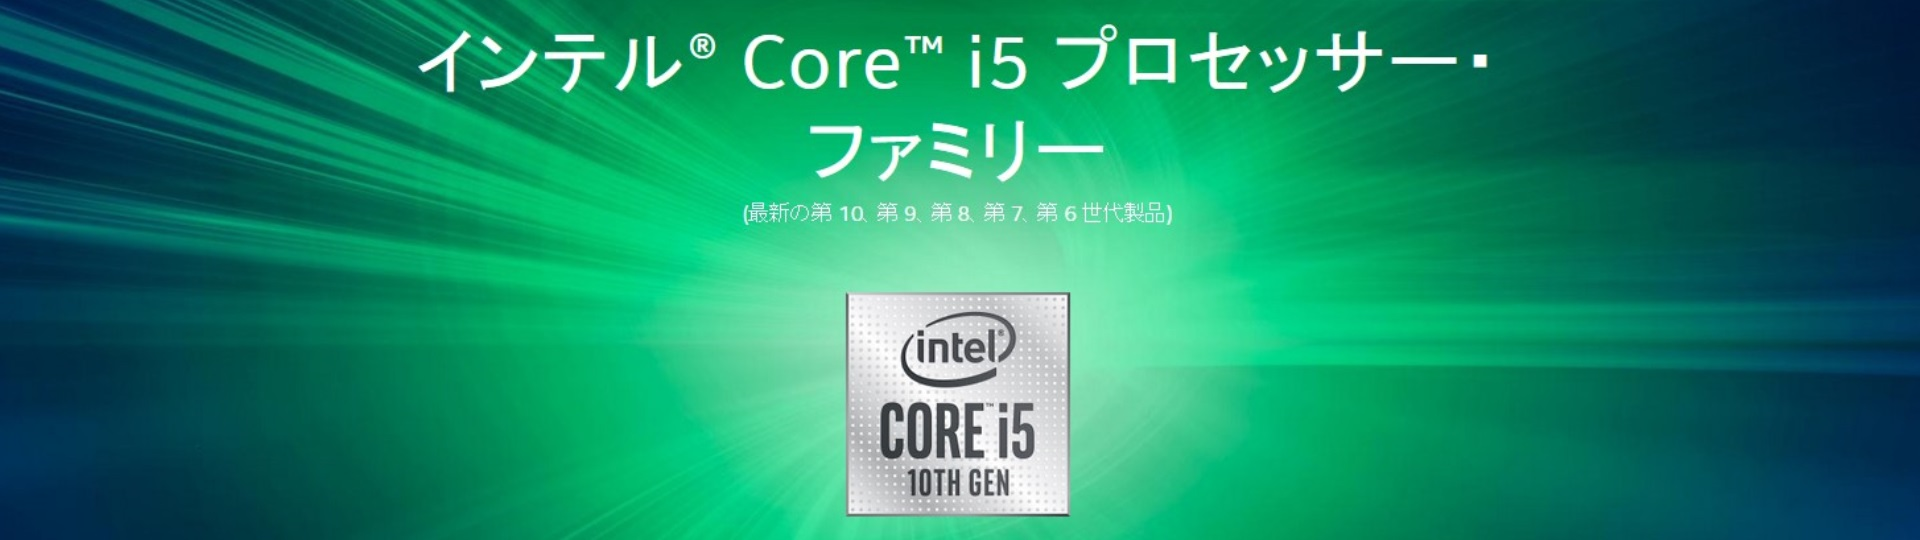 AviUtlにオススメPCスペック:CPU インテル Core i5 9400 BOX